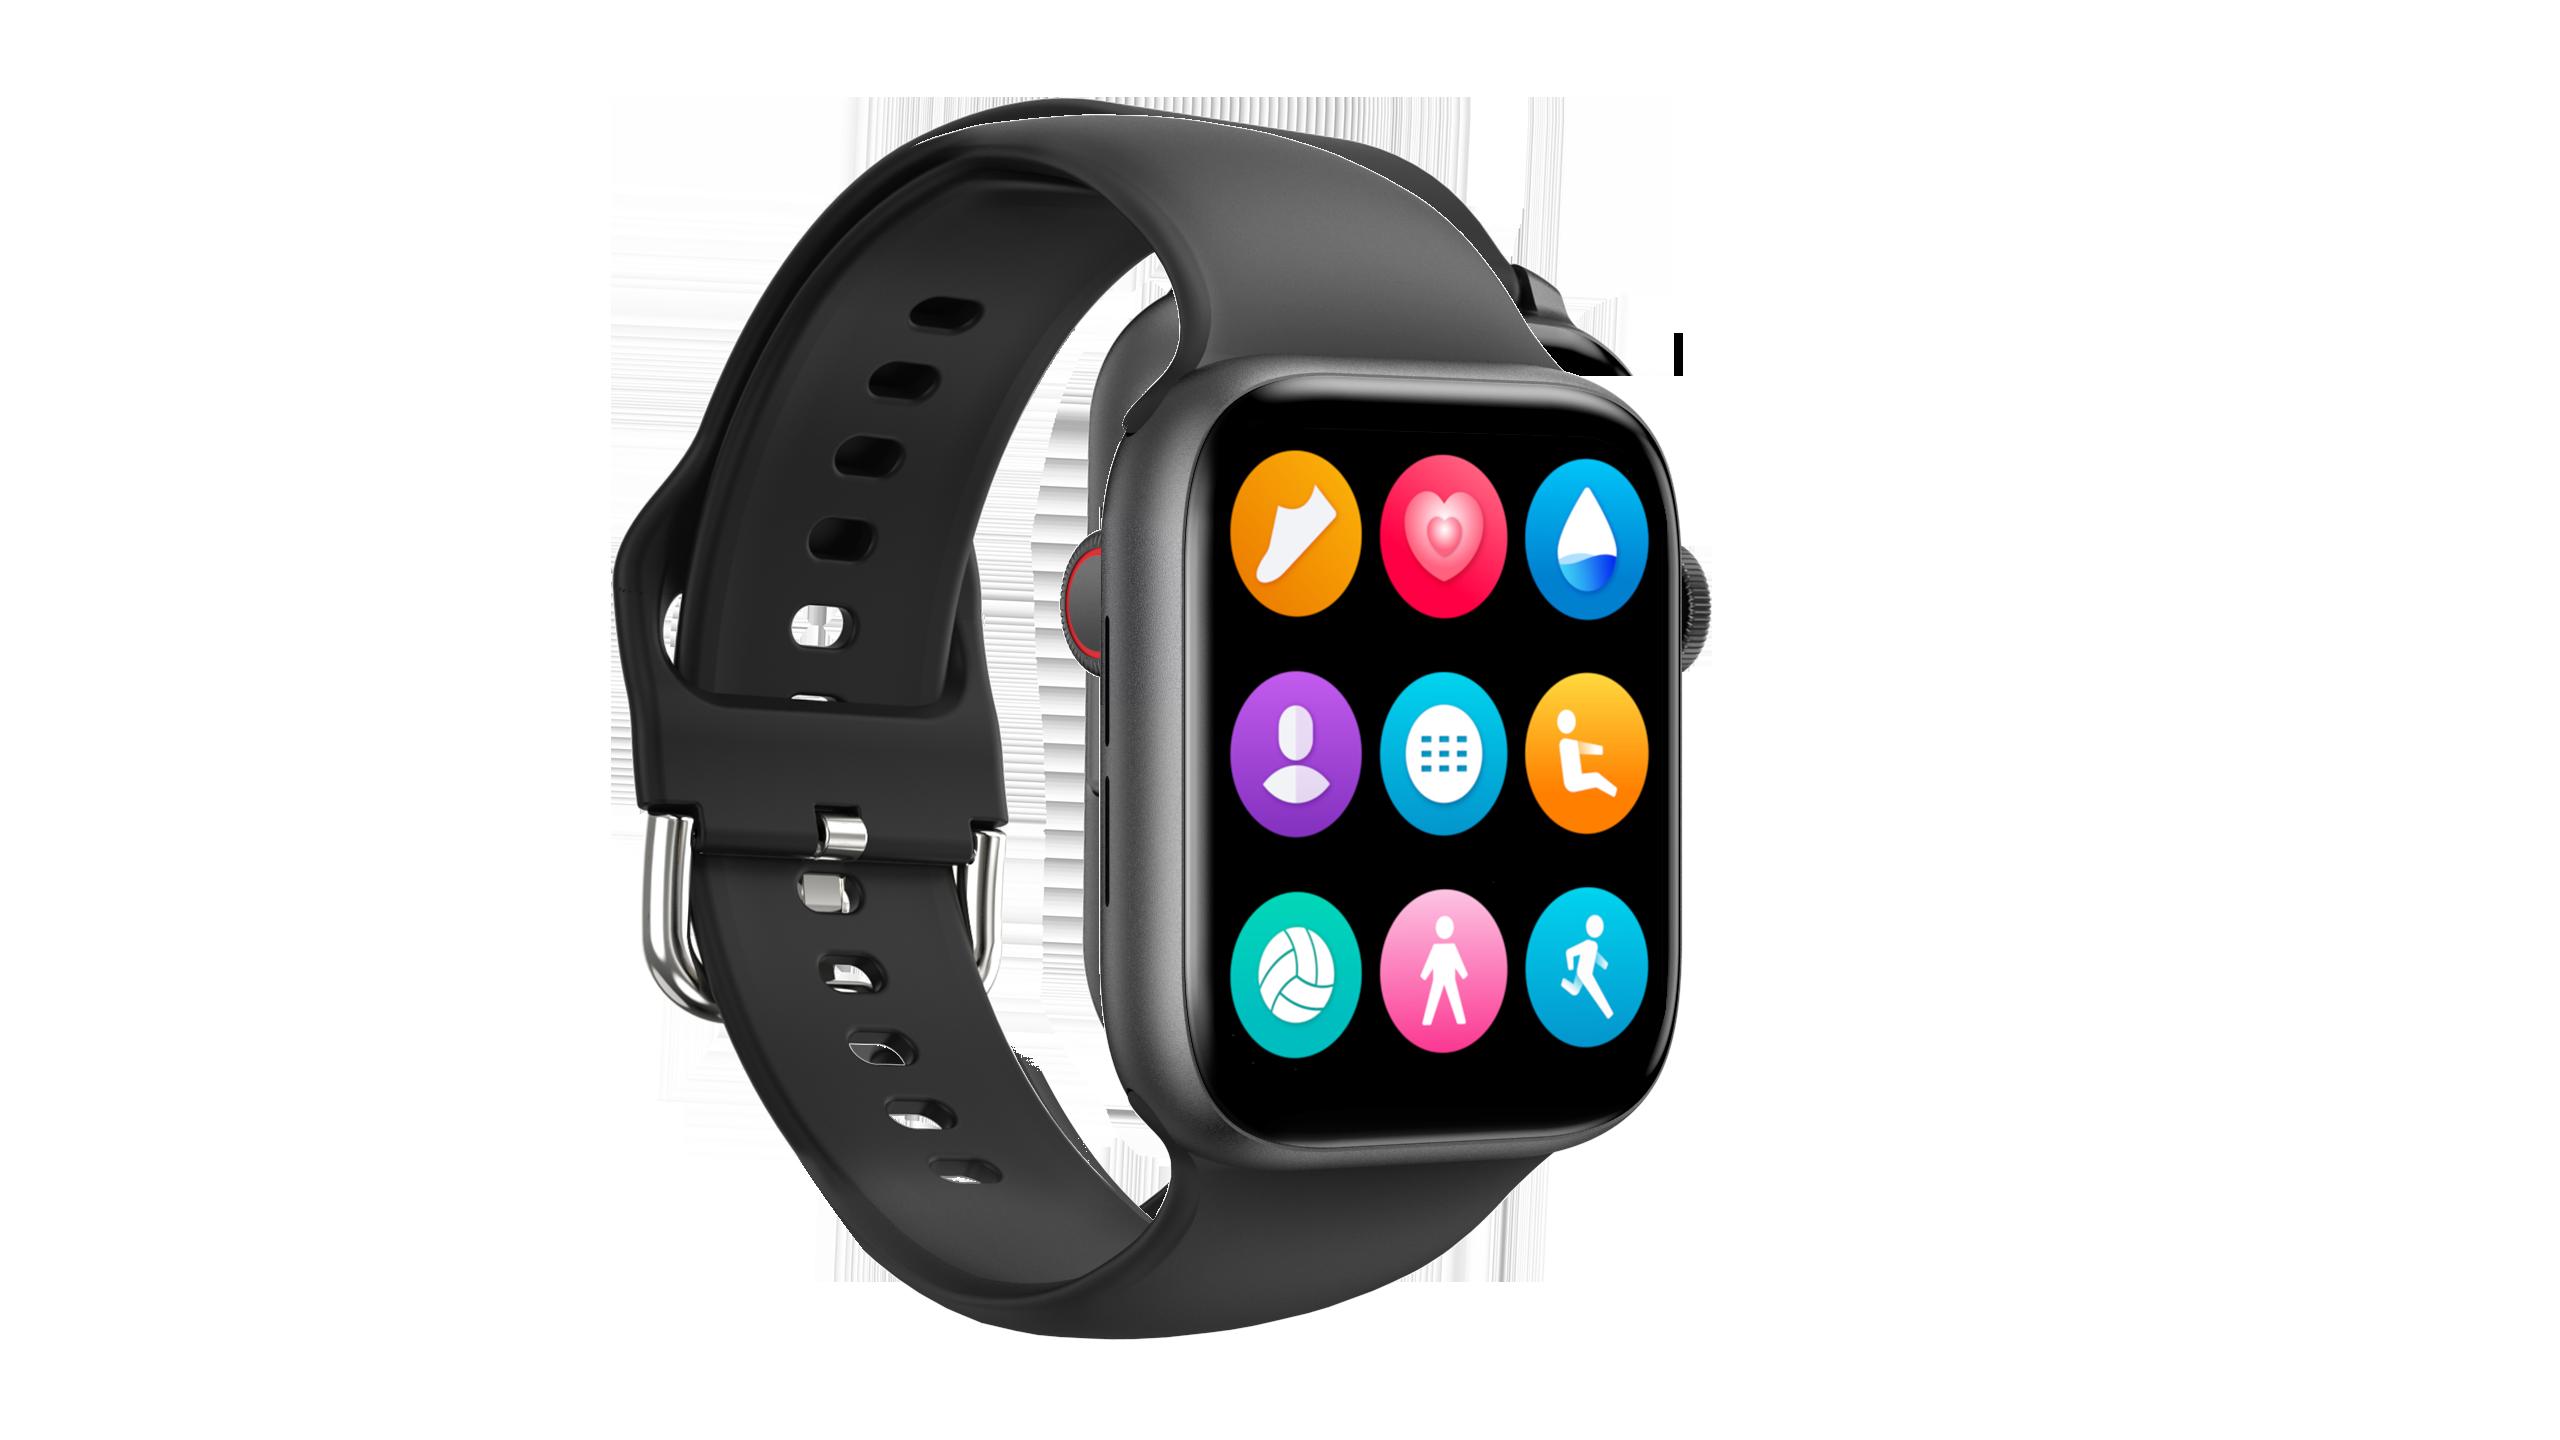 T800 Smart watch